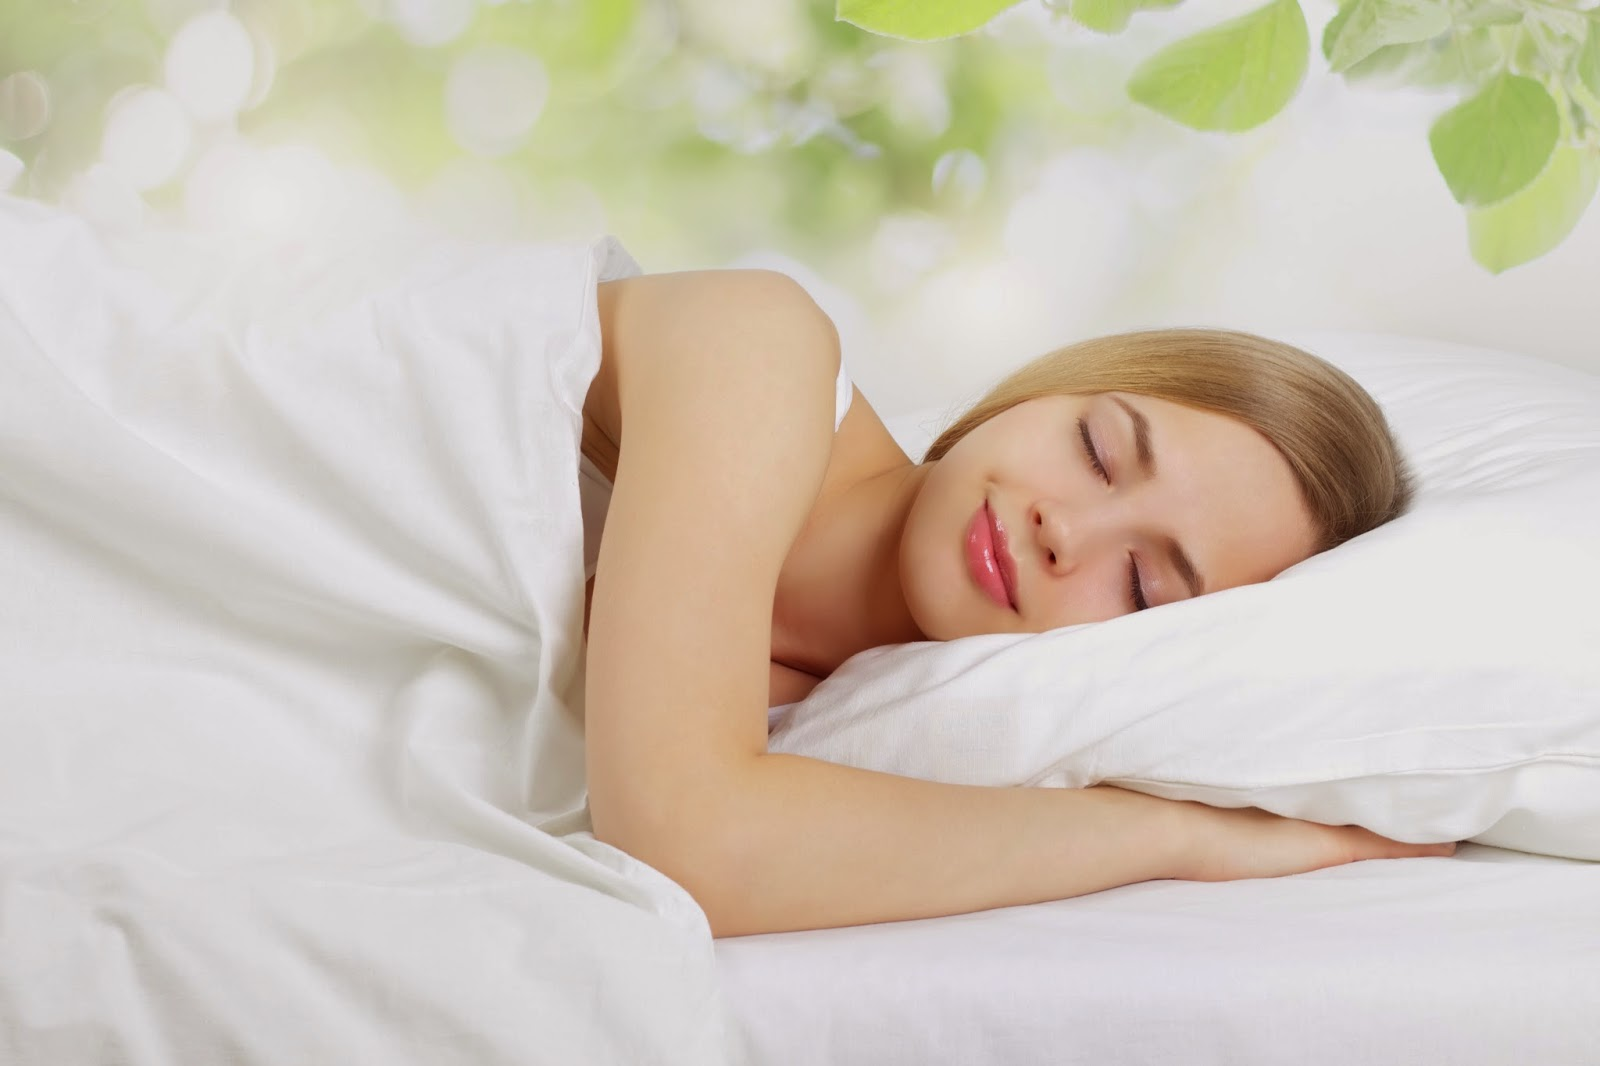 chế độ ngủ đêm